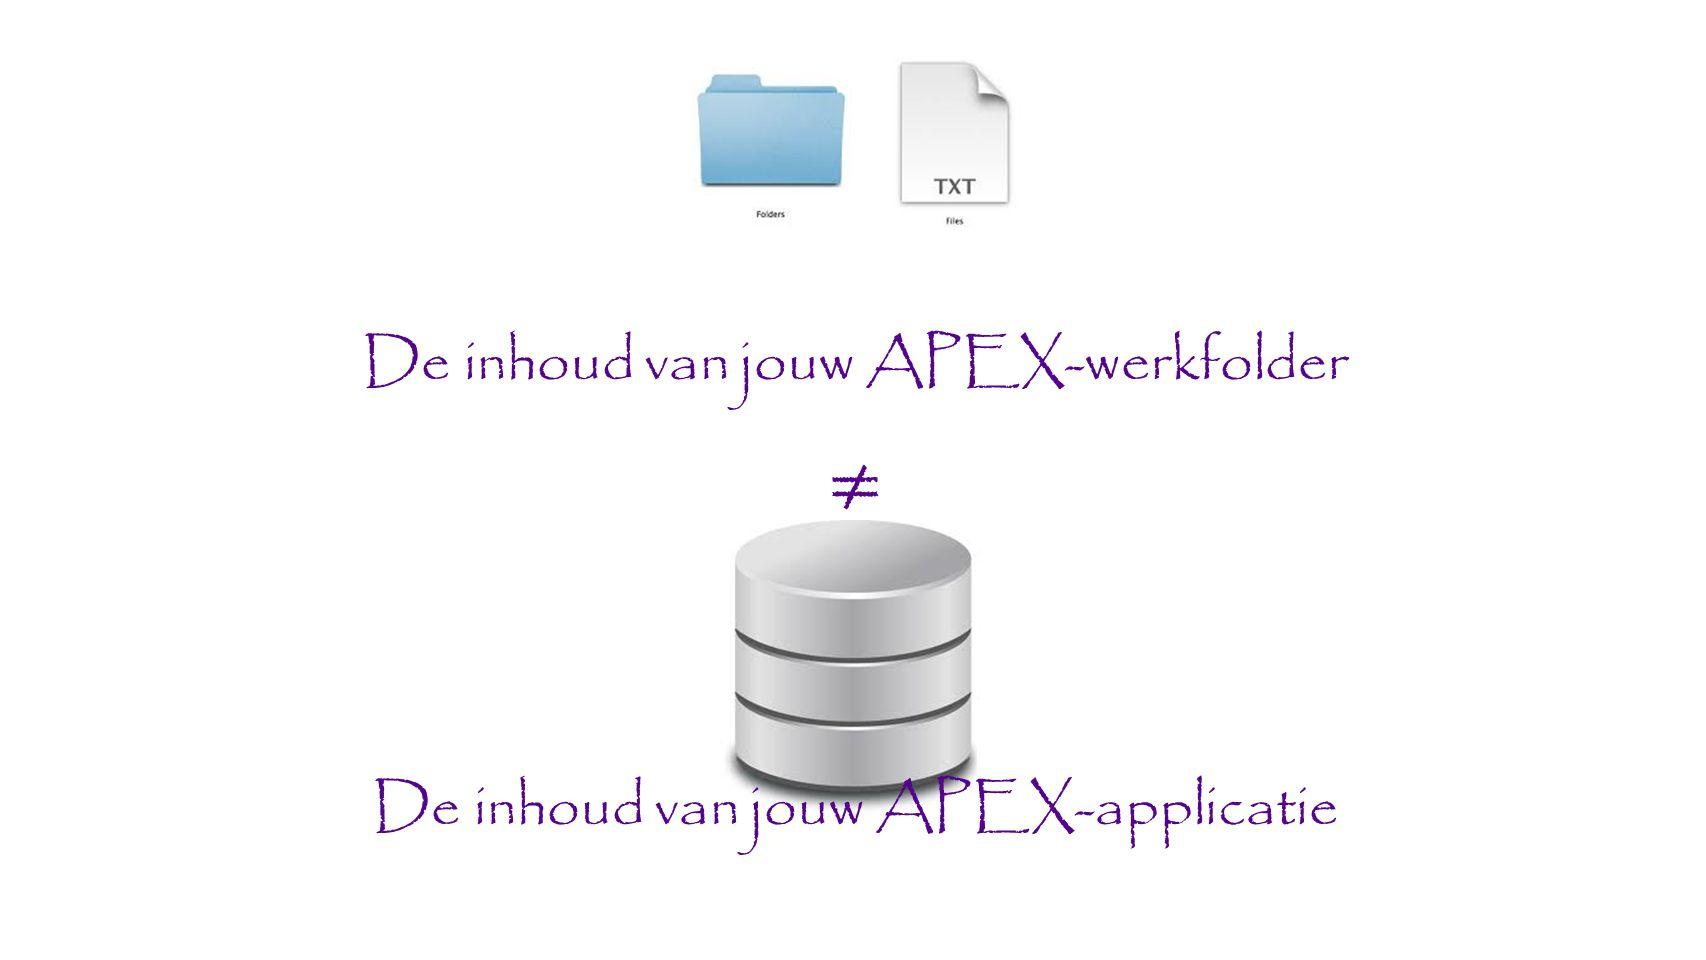 De inhoud van jouw APEX-werkfolder ≠ De inhoud van jouw APEX-applicatie